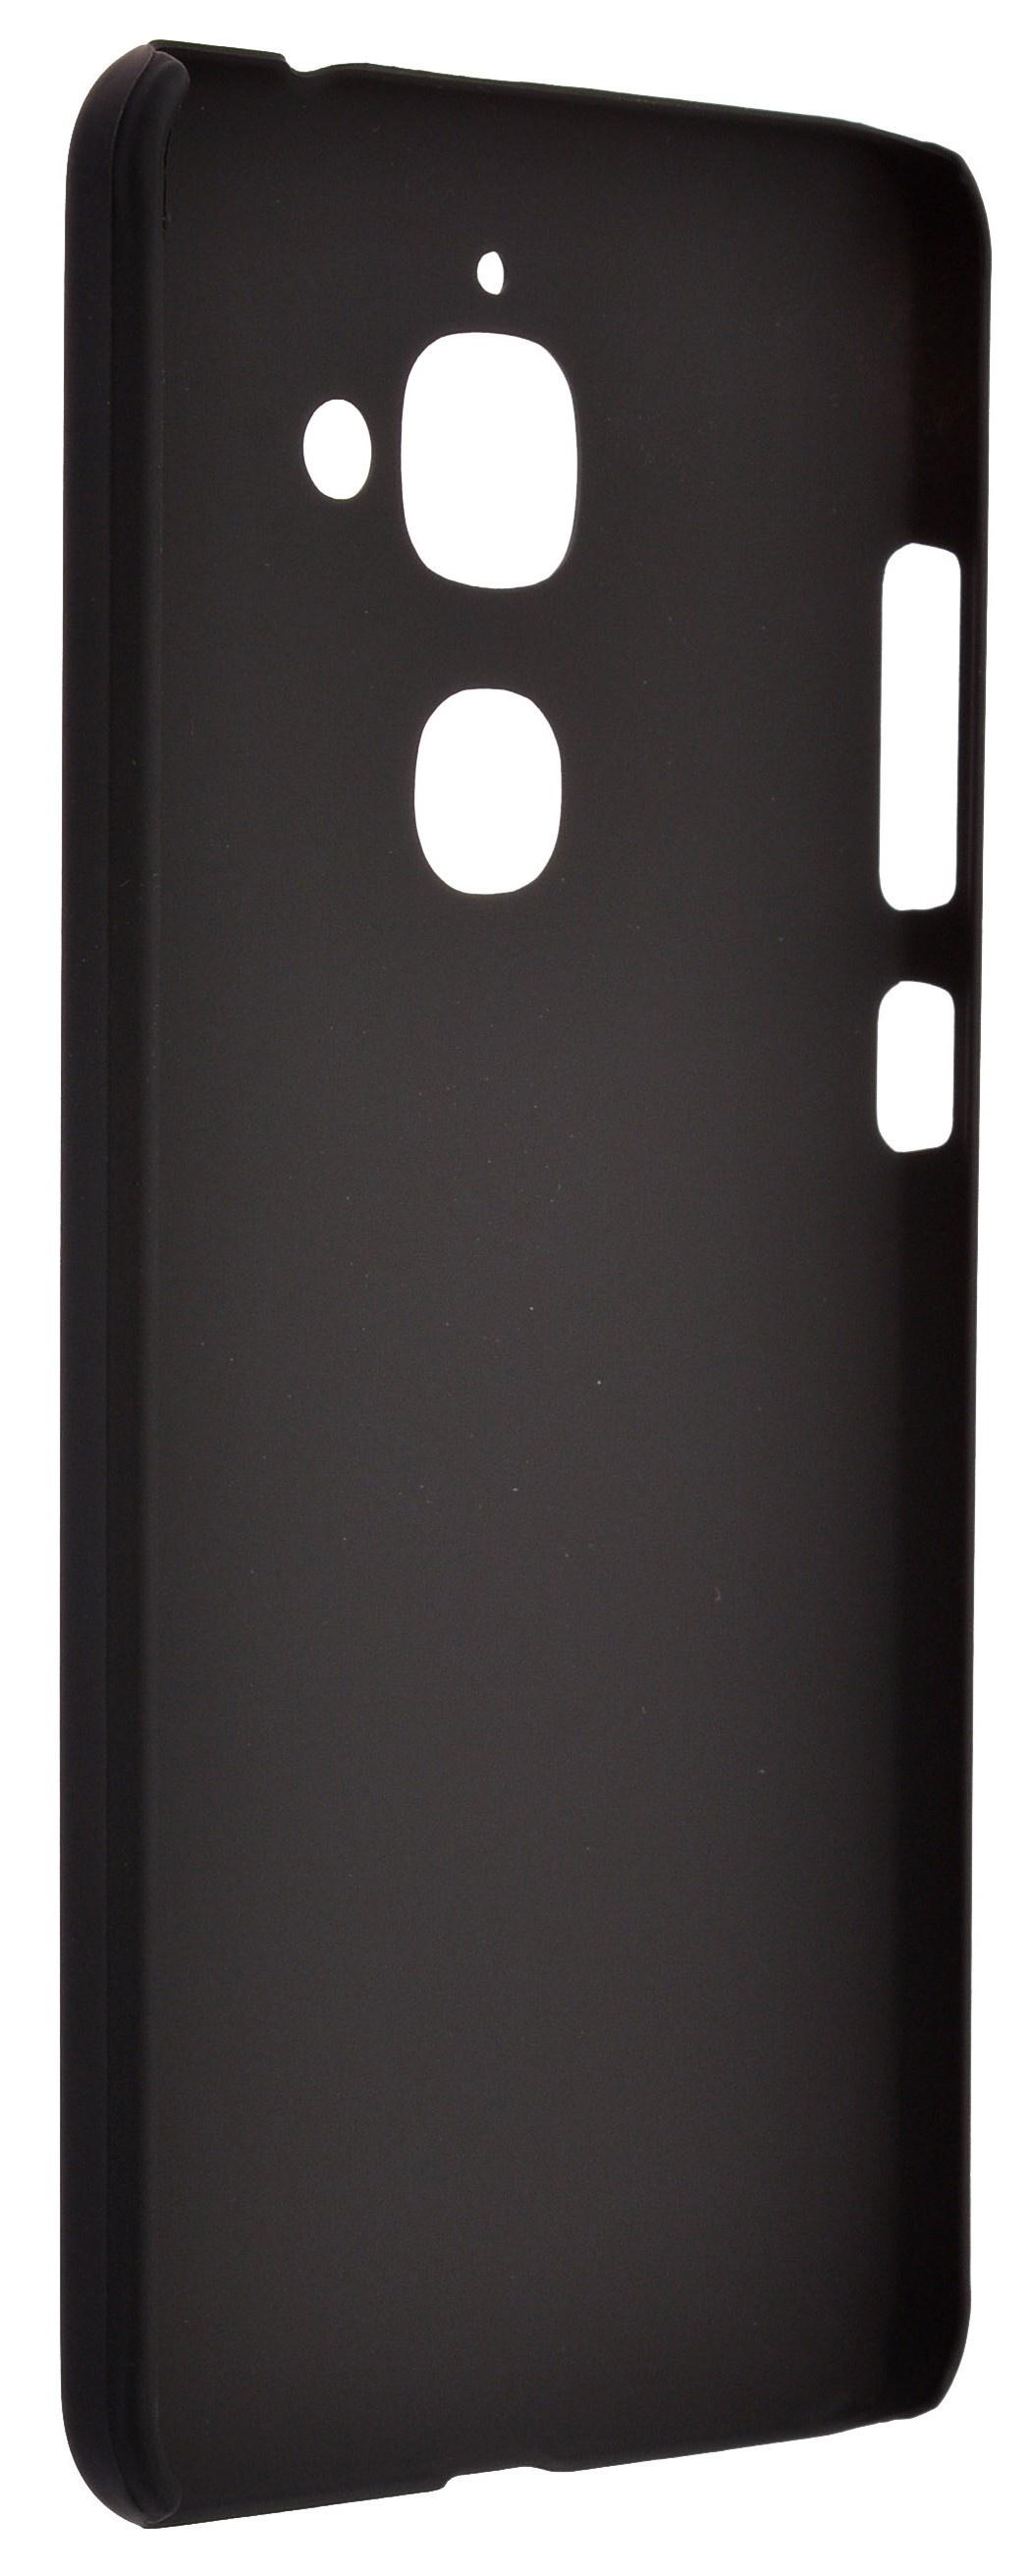 Фото - Чехол для сотового телефона skinBOX 4People, 4660041408003, черный чехол для сотового телефона skinbox 4people 4660041407501 черный